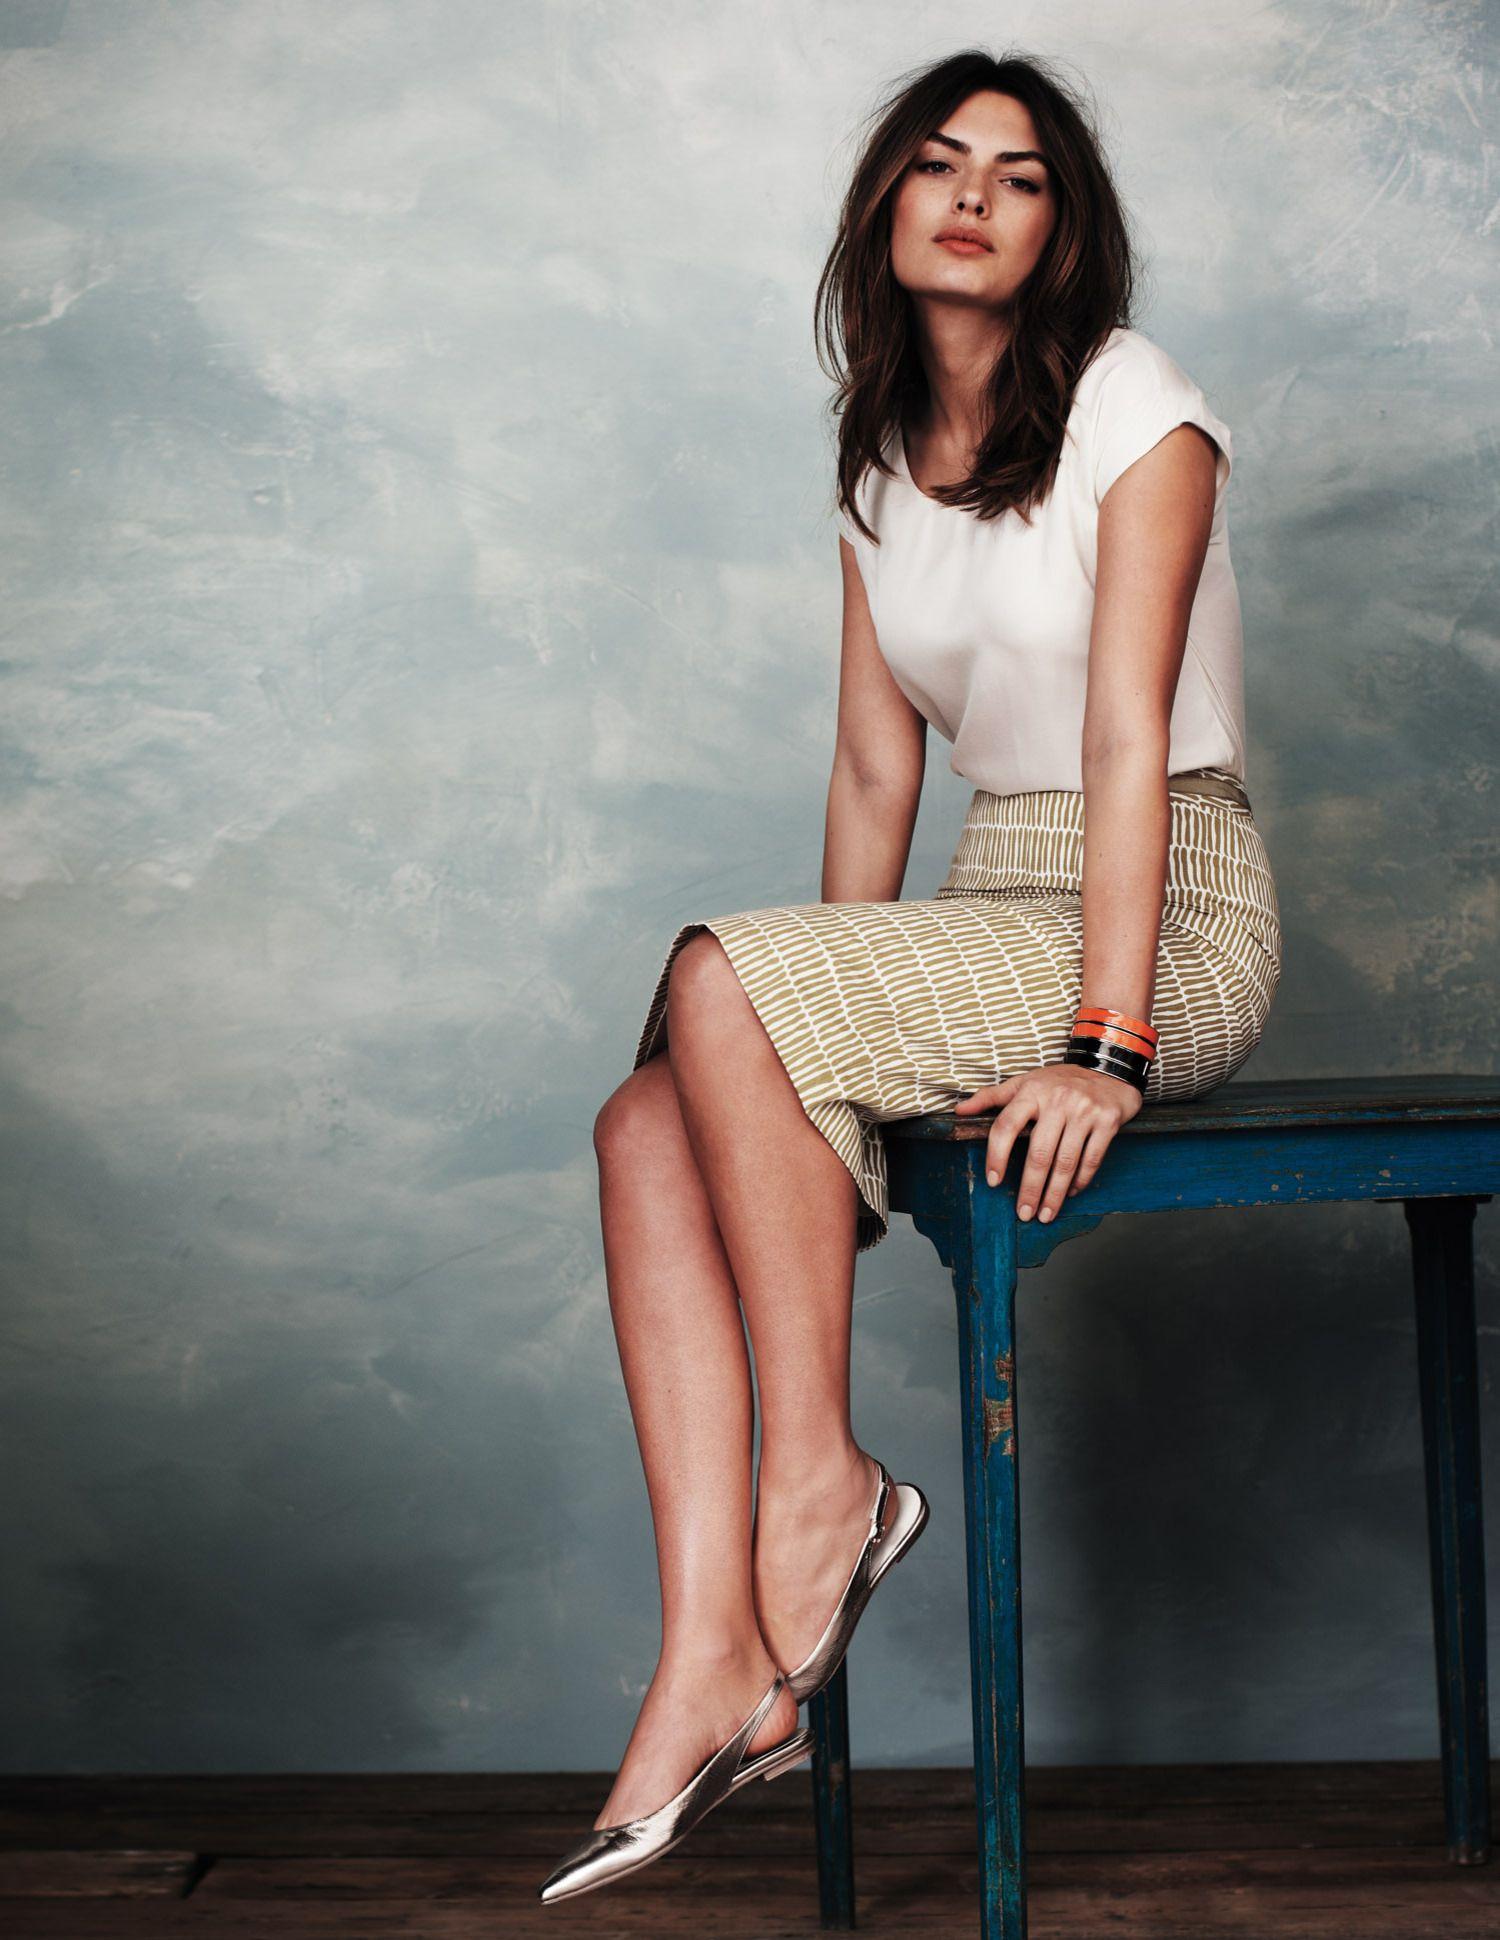 b178f6f652 Classic white silk shell , plaid pencil skirt & silver flat pointy  slingbacks. ❦ ℒℴvℯ.